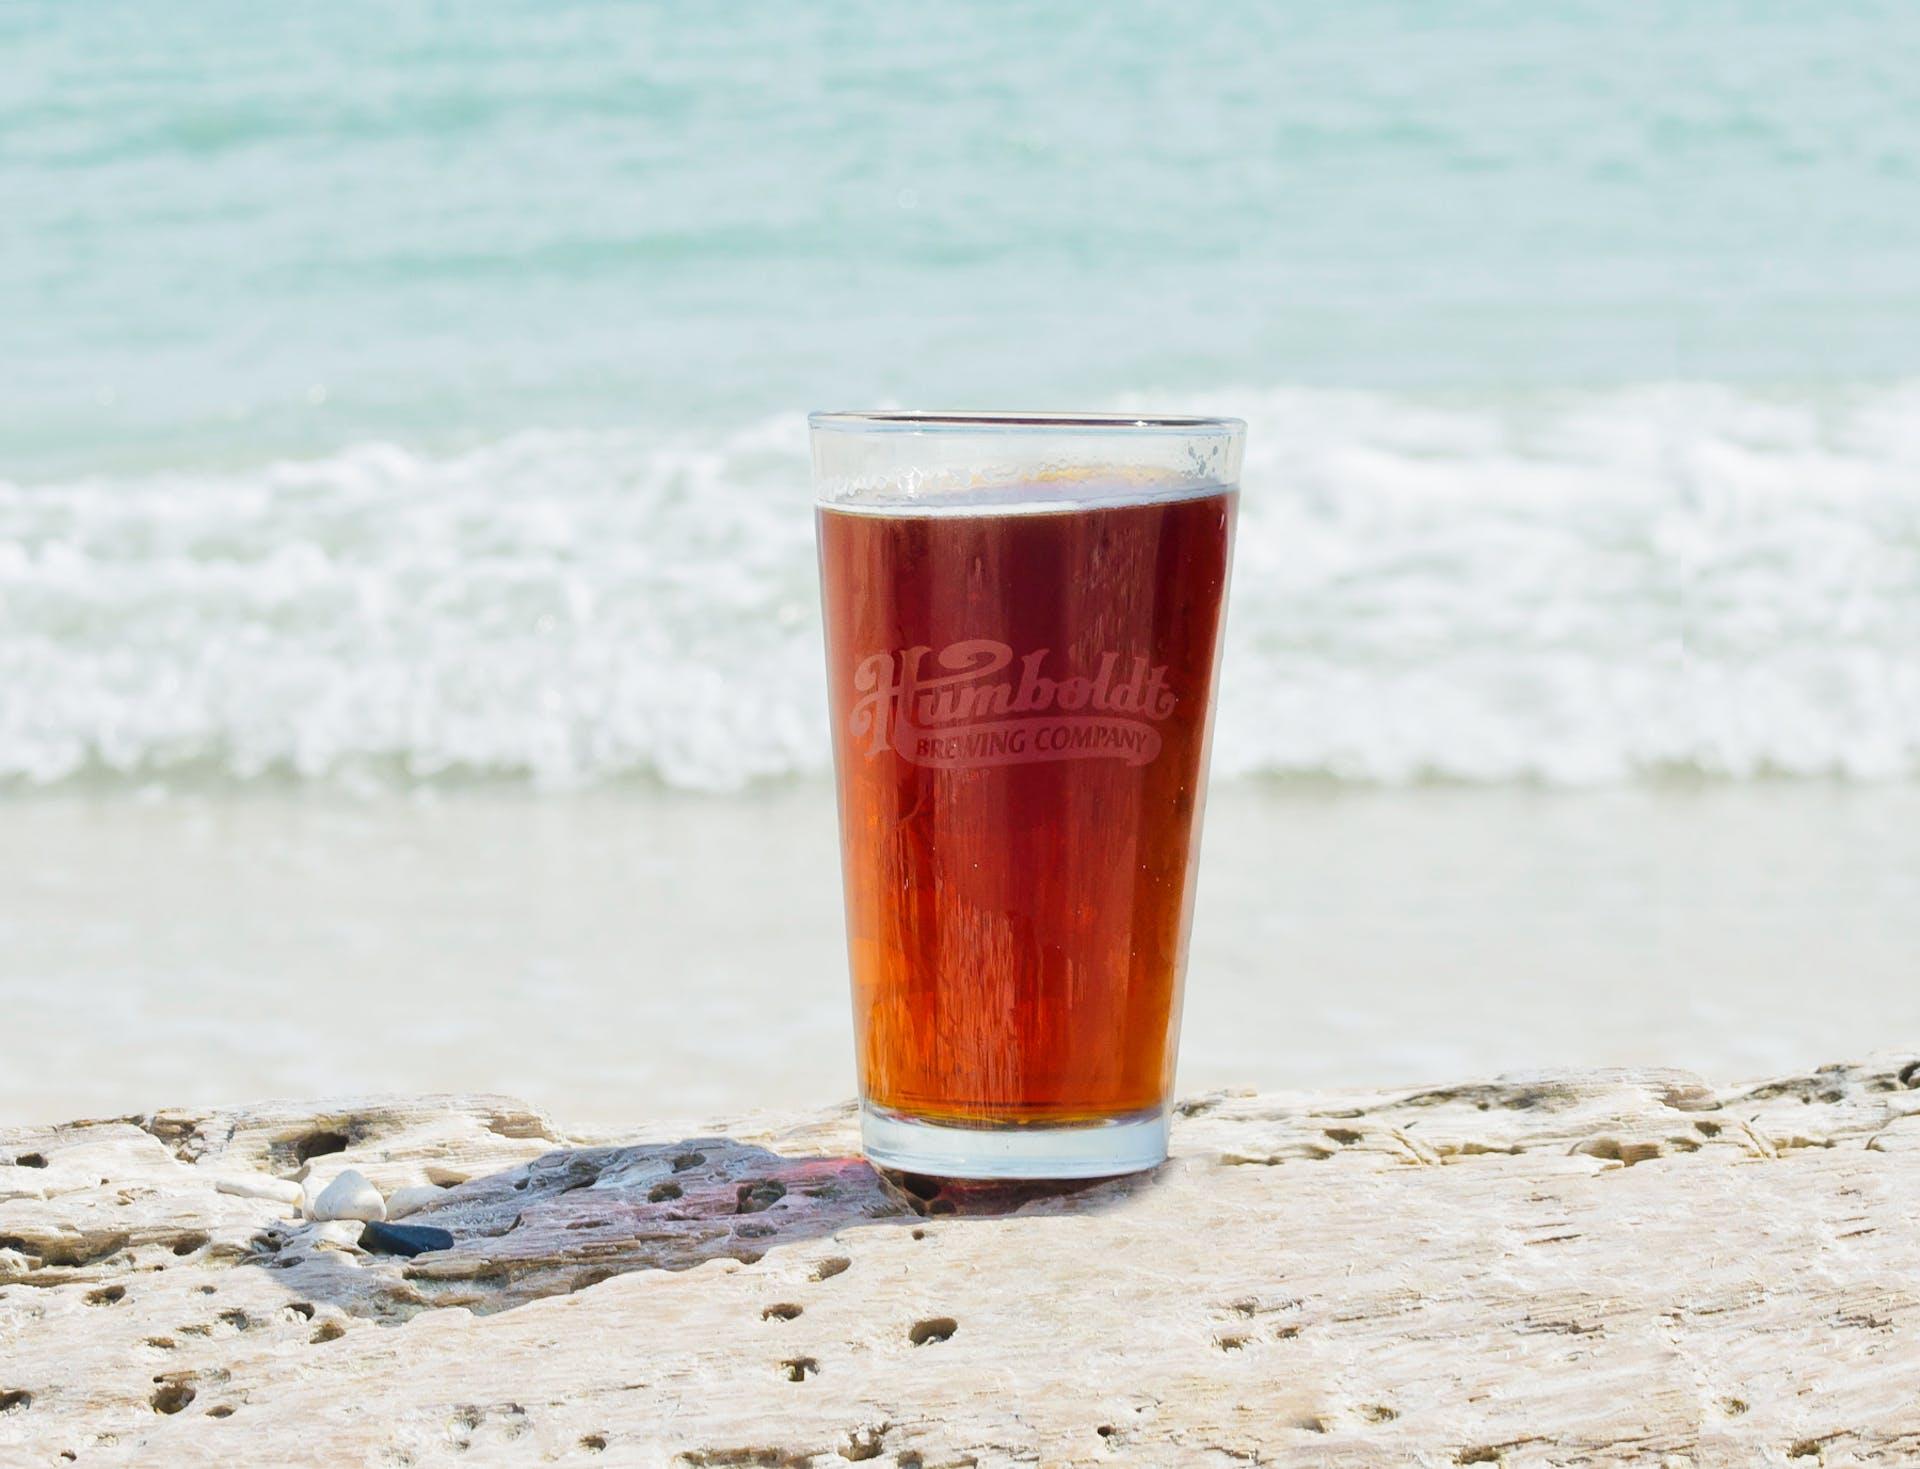 Humboldt Draft Beer On Beach